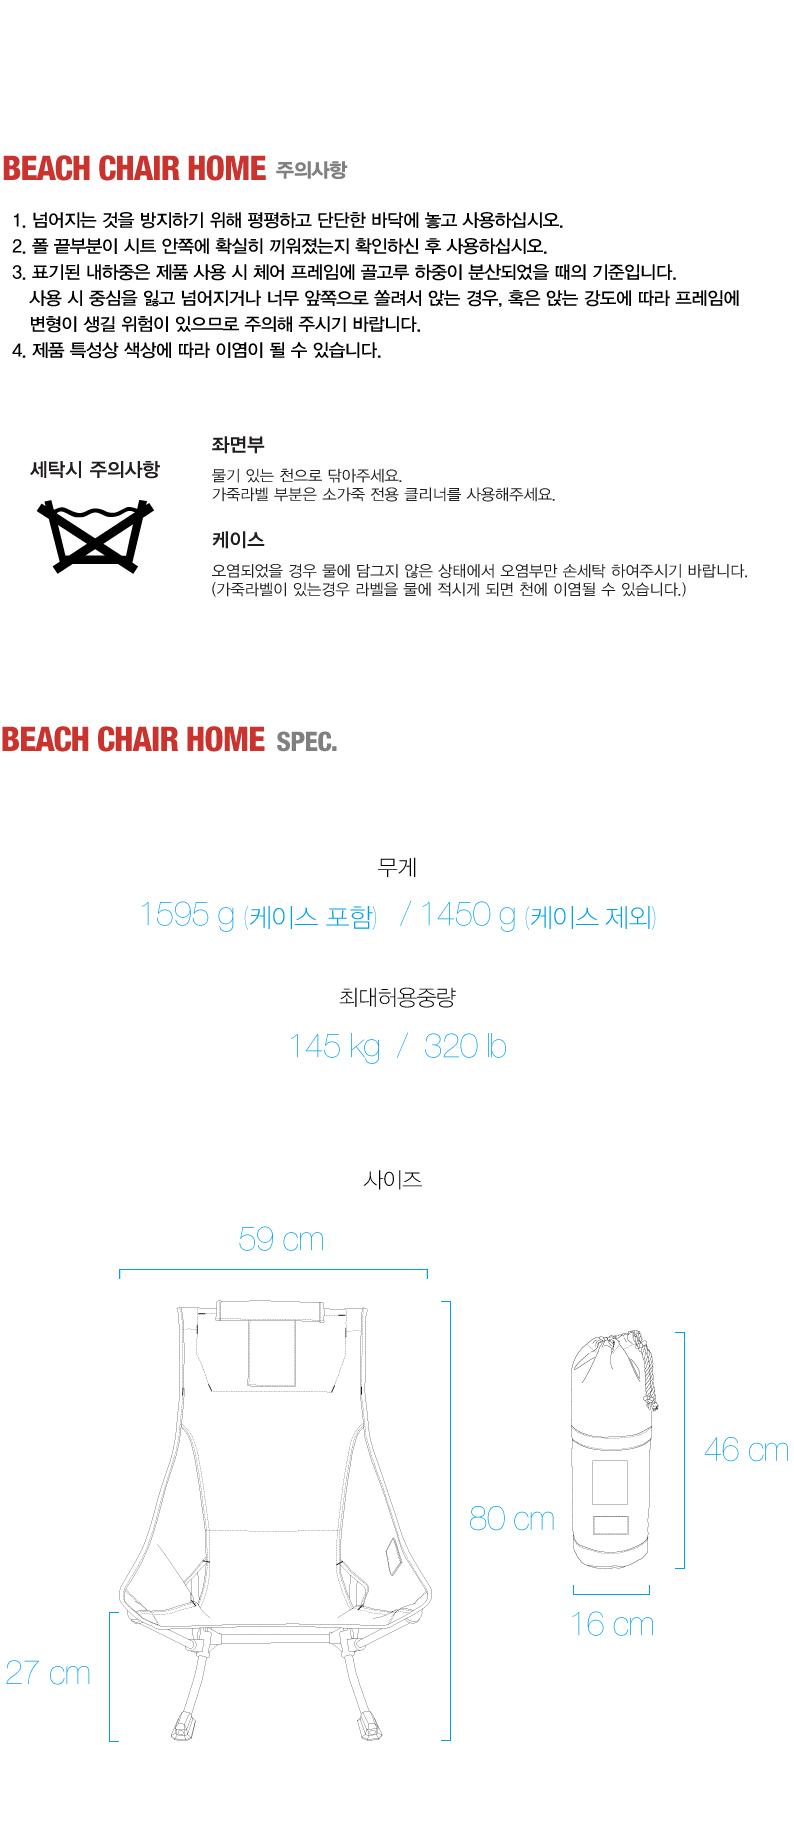 20170609-beach-chair-home-spec.jpg